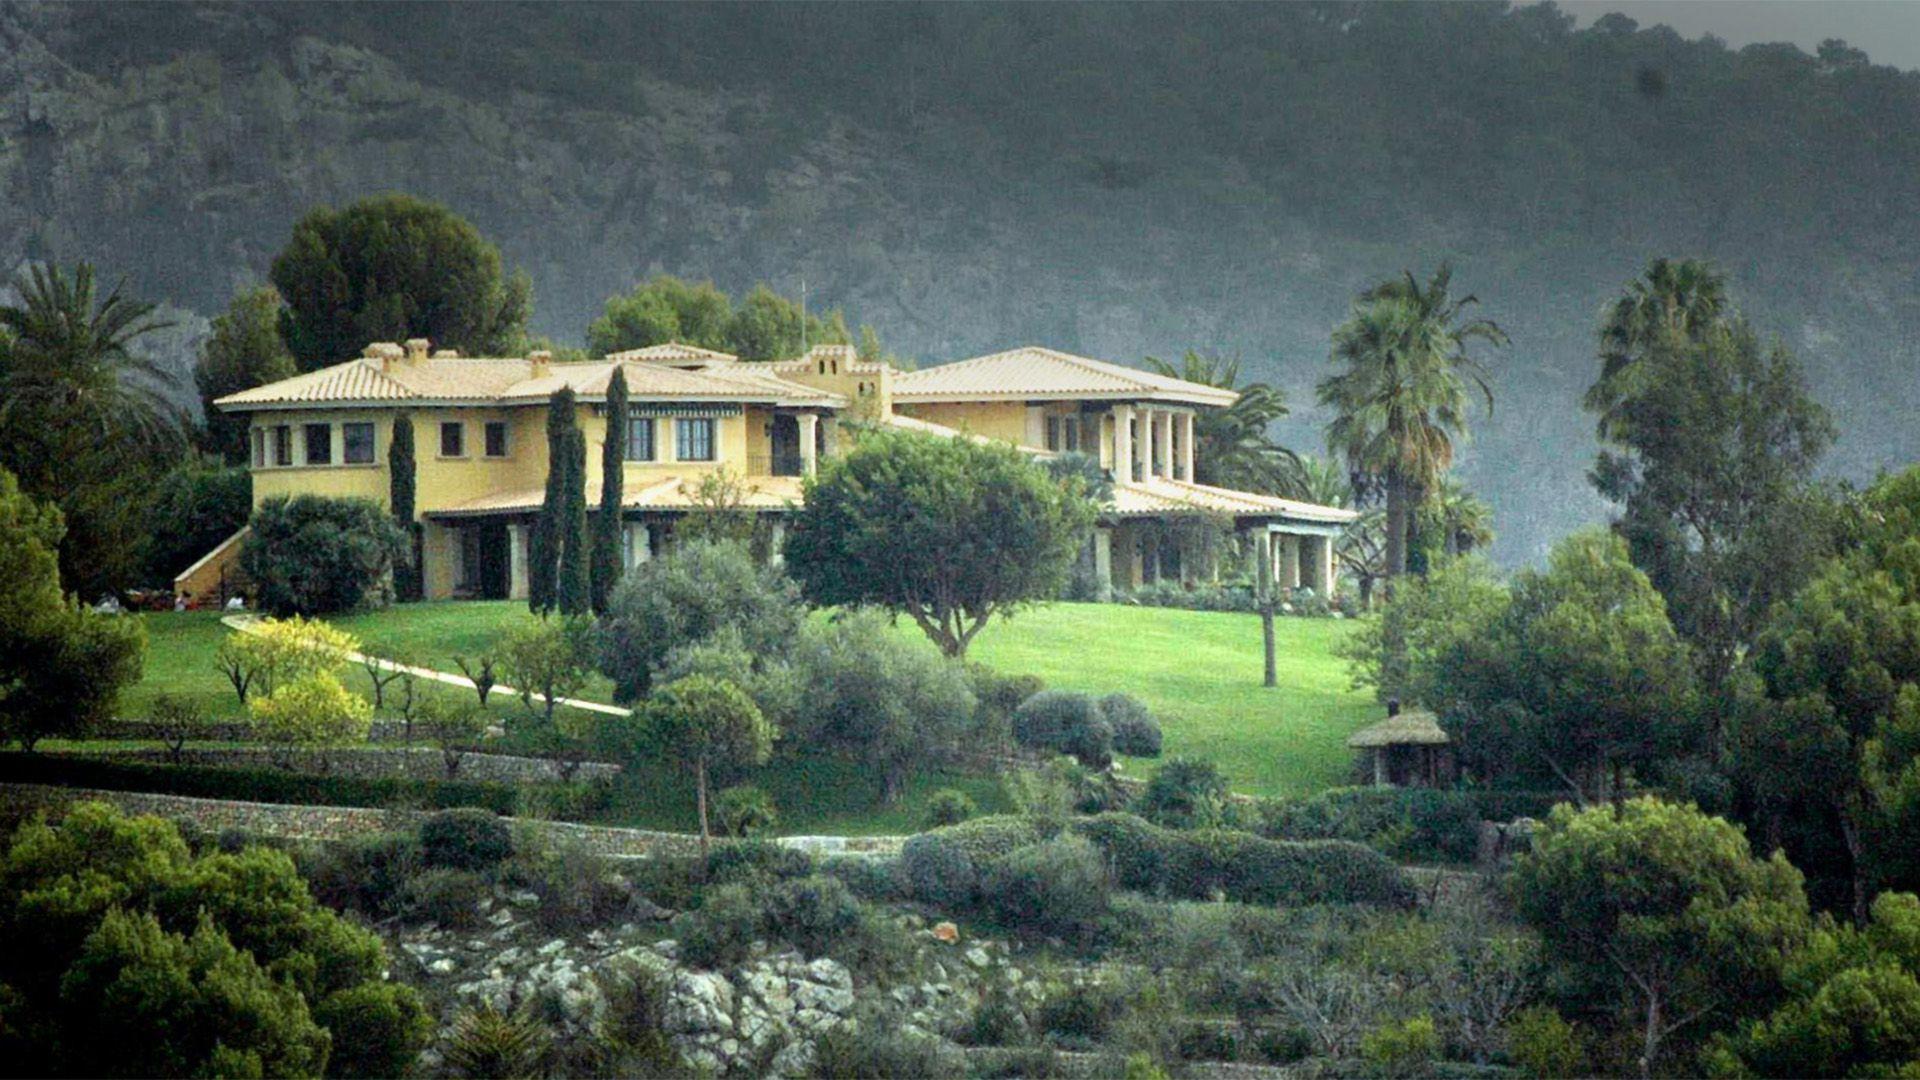 La mansión que pertenecía a Florentino Pérez ahora es de la familia Schumacher